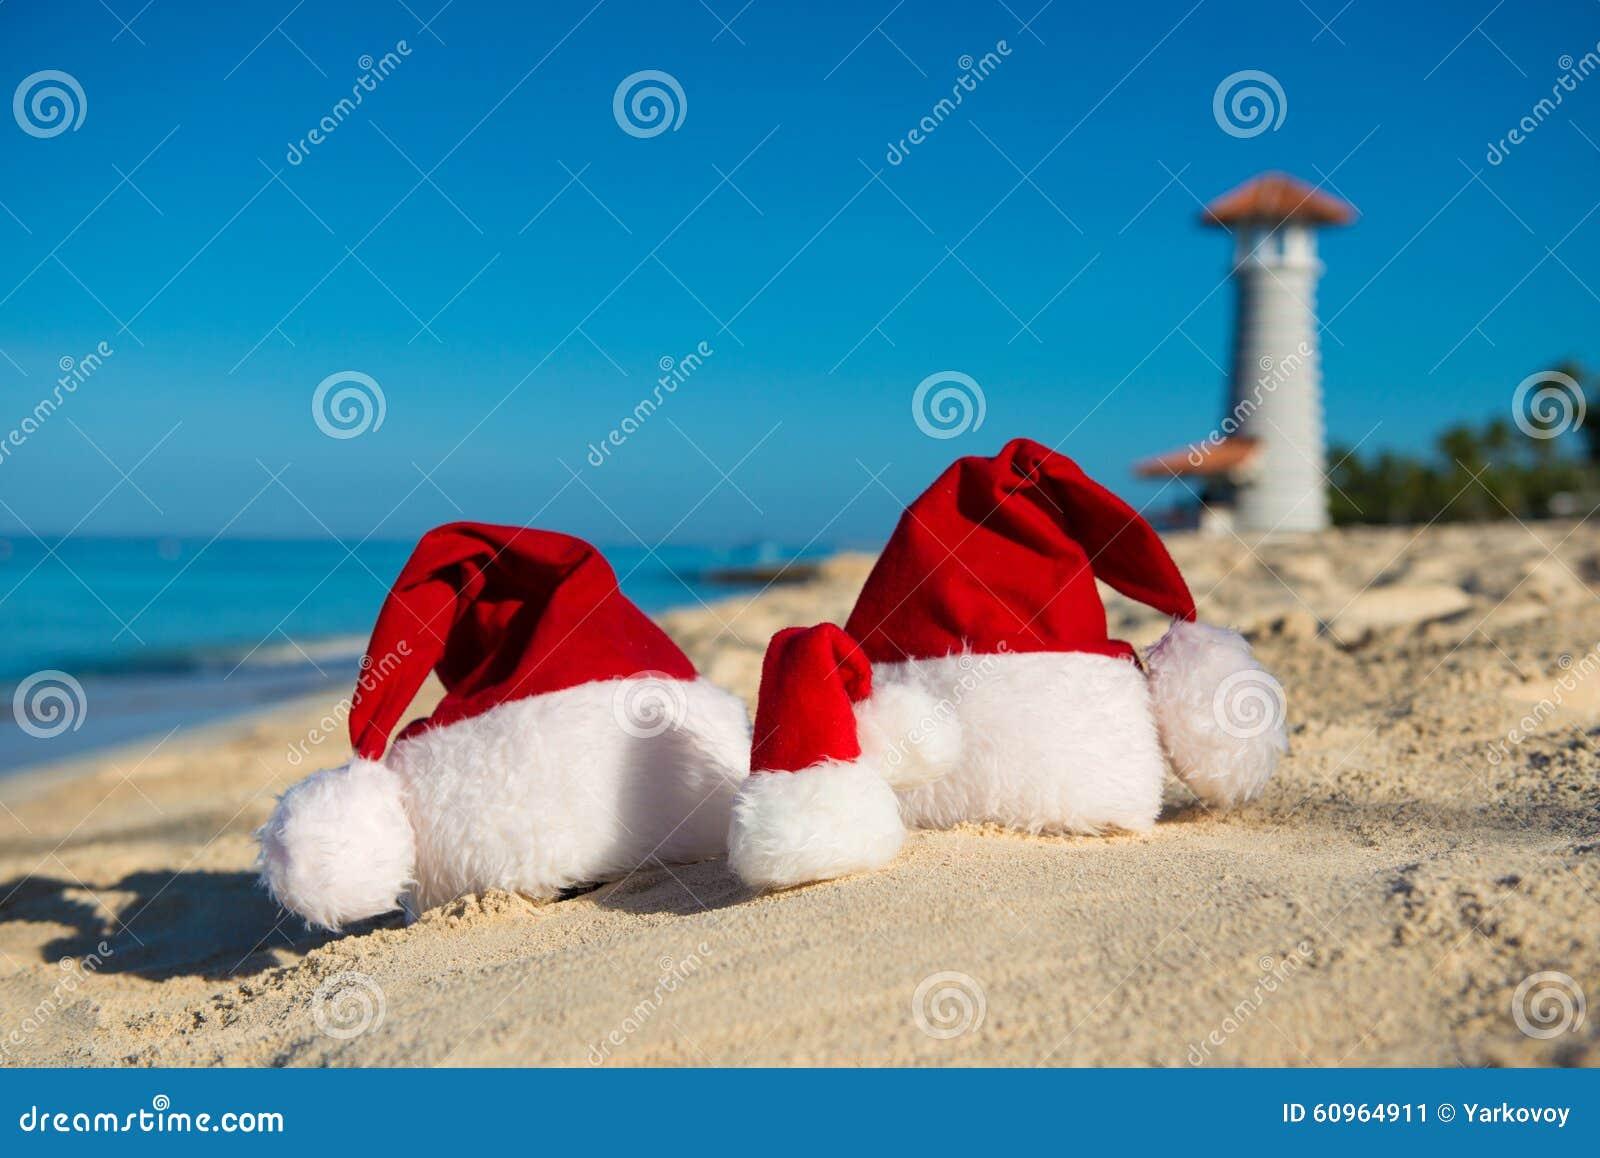 Immagini Natale Mare.Feste Del Nuovo Anno E Vacanza Di Natale In Mare Immagine